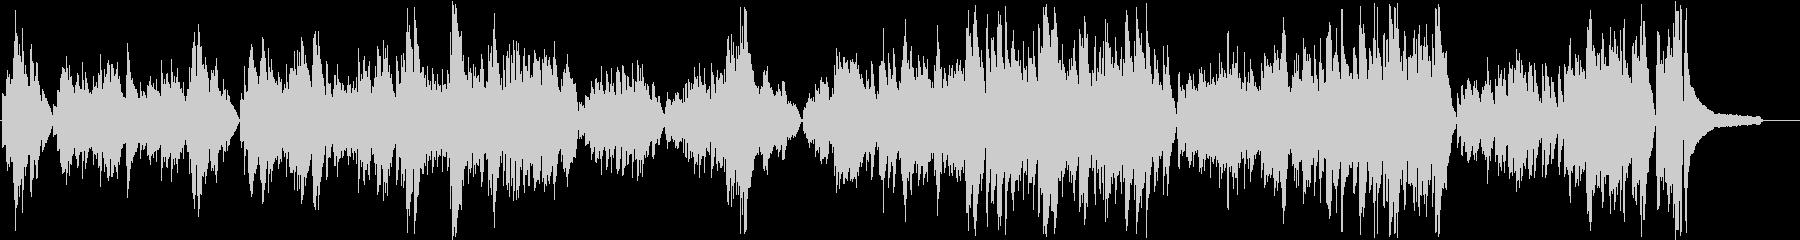 暗いイメージのピアノソロの未再生の波形